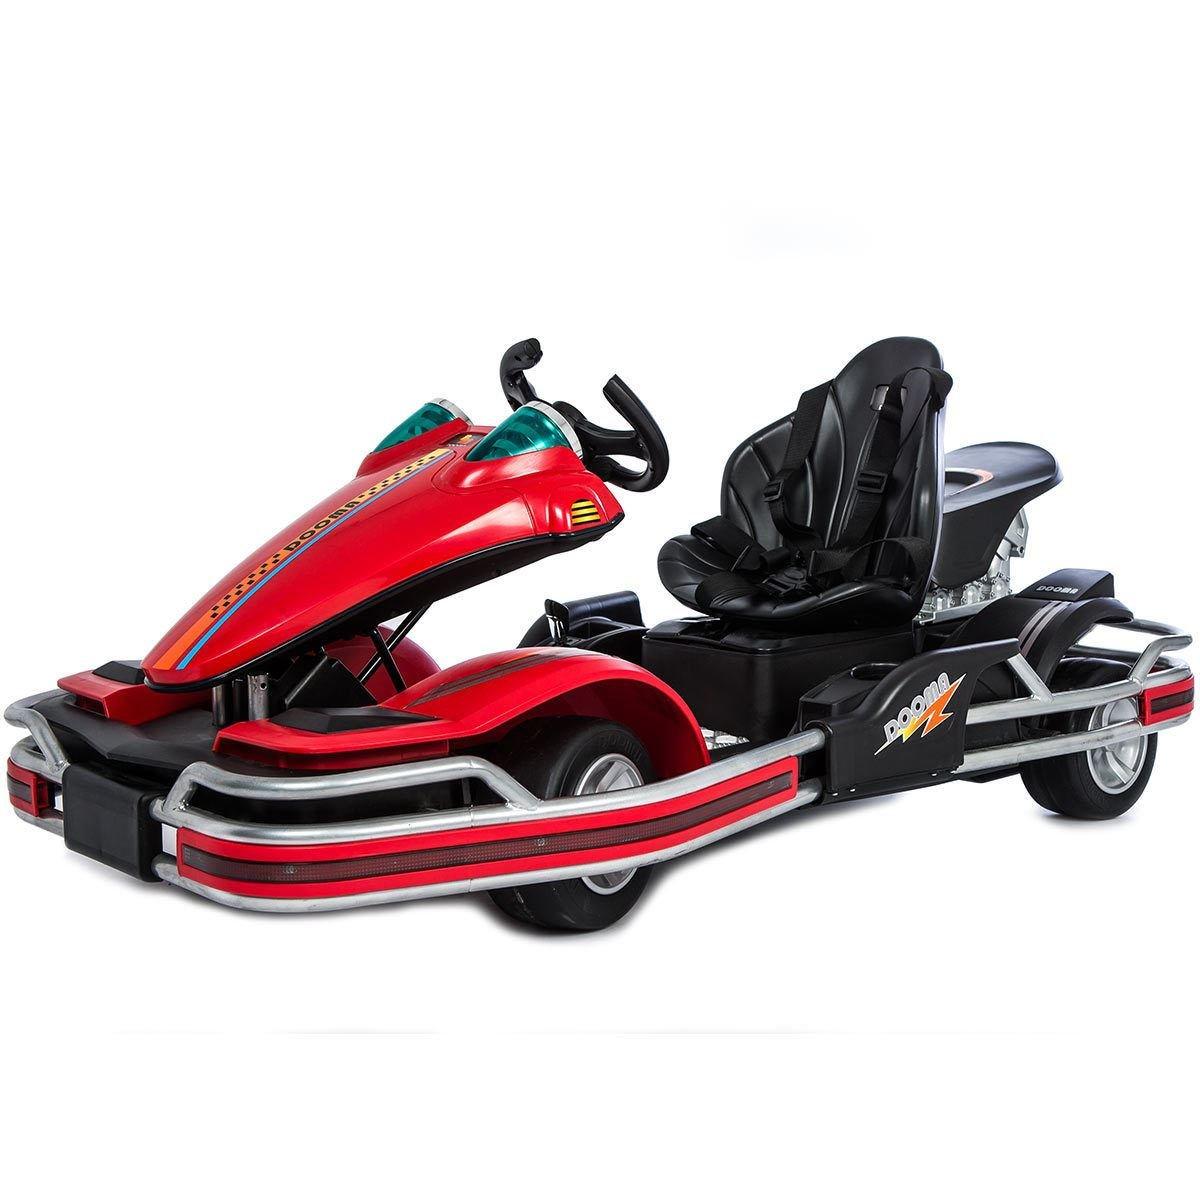 Grand Prix 12V Children's Go Kart £149.99 delivered @ Costco